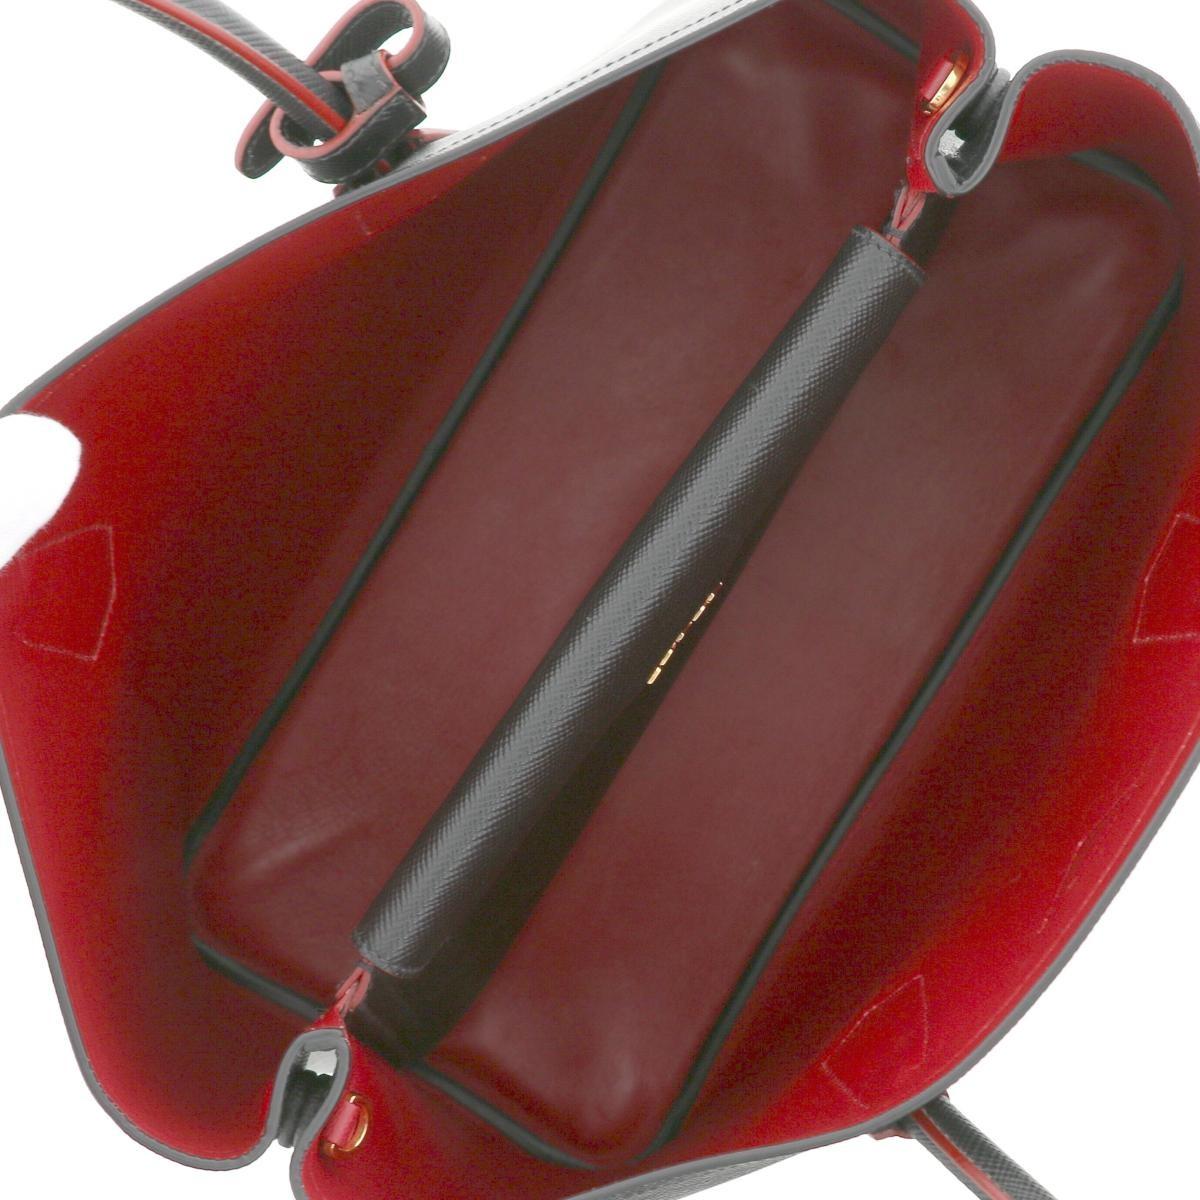 【中古】PRADA プラダ サフィアーノ 2WAY トートバッグ バッグ トートバッグ Saffiano Black/ブラック B2756T used:A